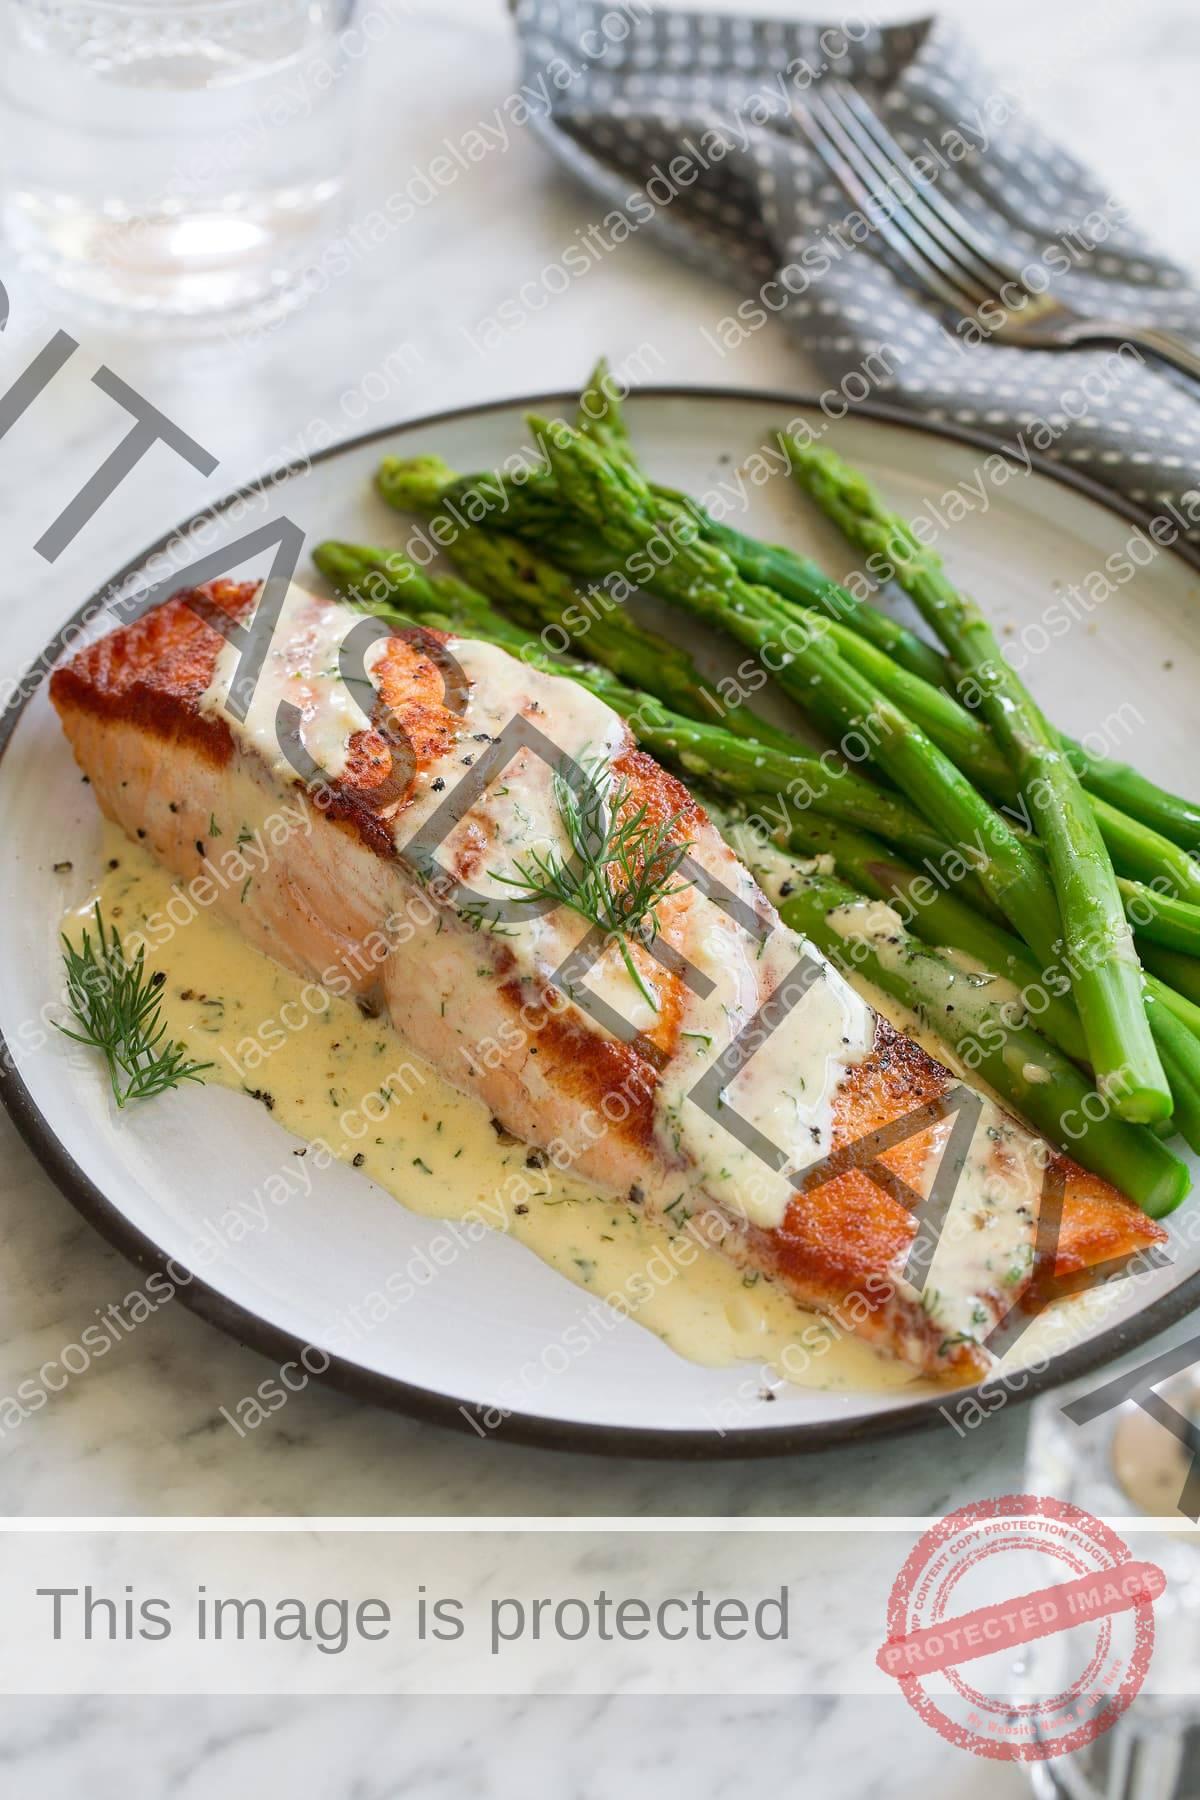 Filete de salmón en un plato blanco colocado sobre una superficie de mármol.  Cubierto con salsa dijon y servido con espárragos.